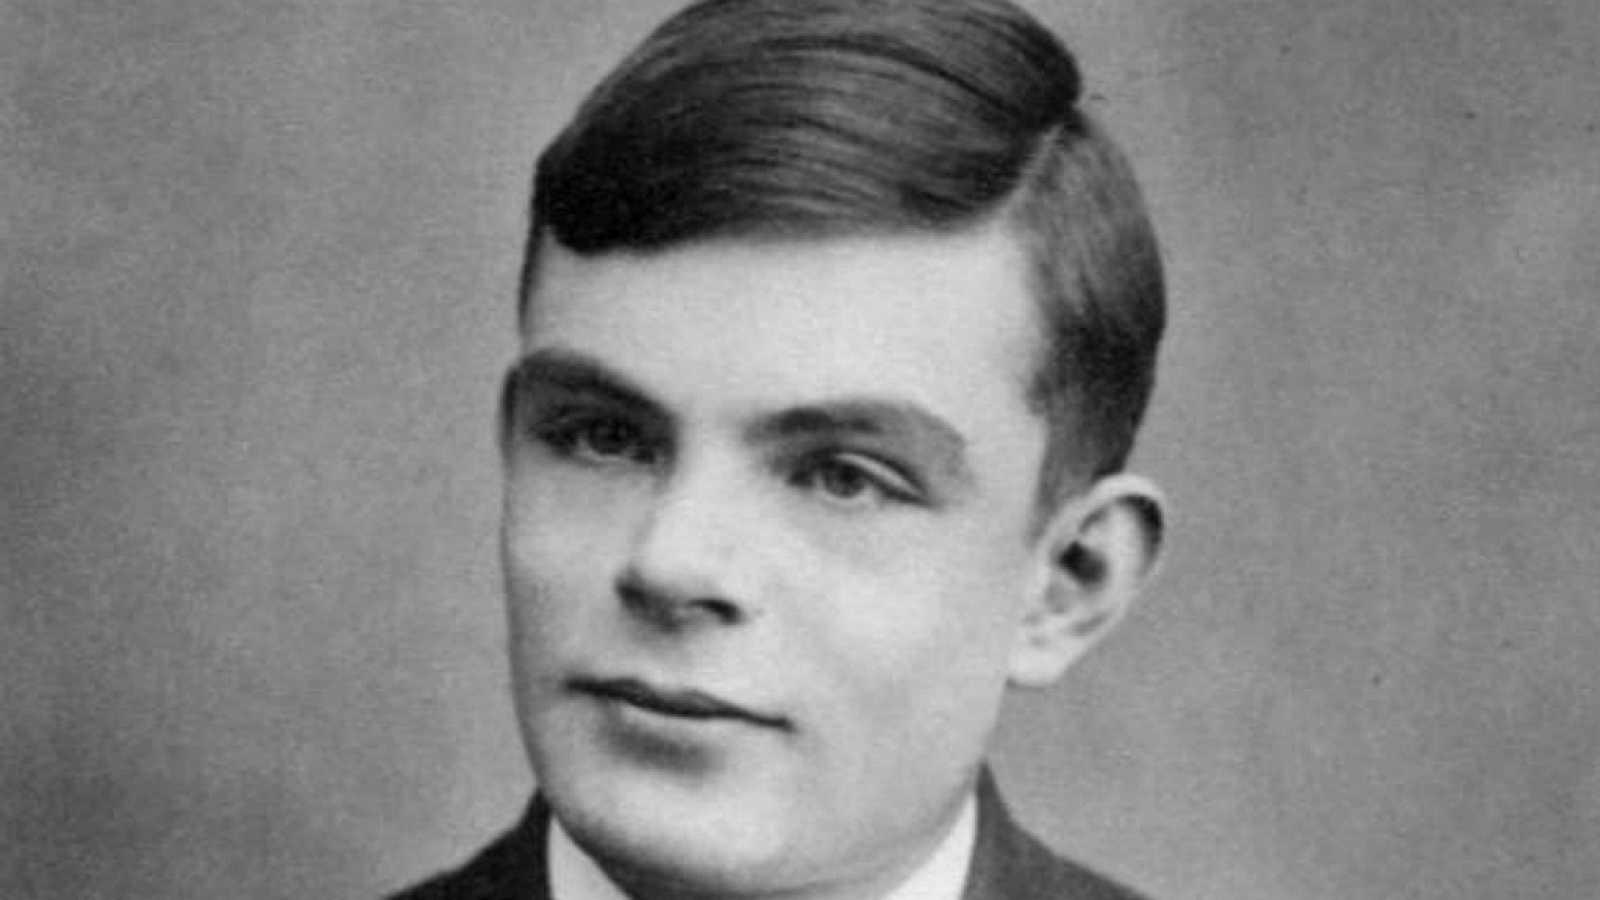 Documentos RNE - Alan Turing, el genio que pasó de héroe a villano - 13/07/18 - escuchar ahora